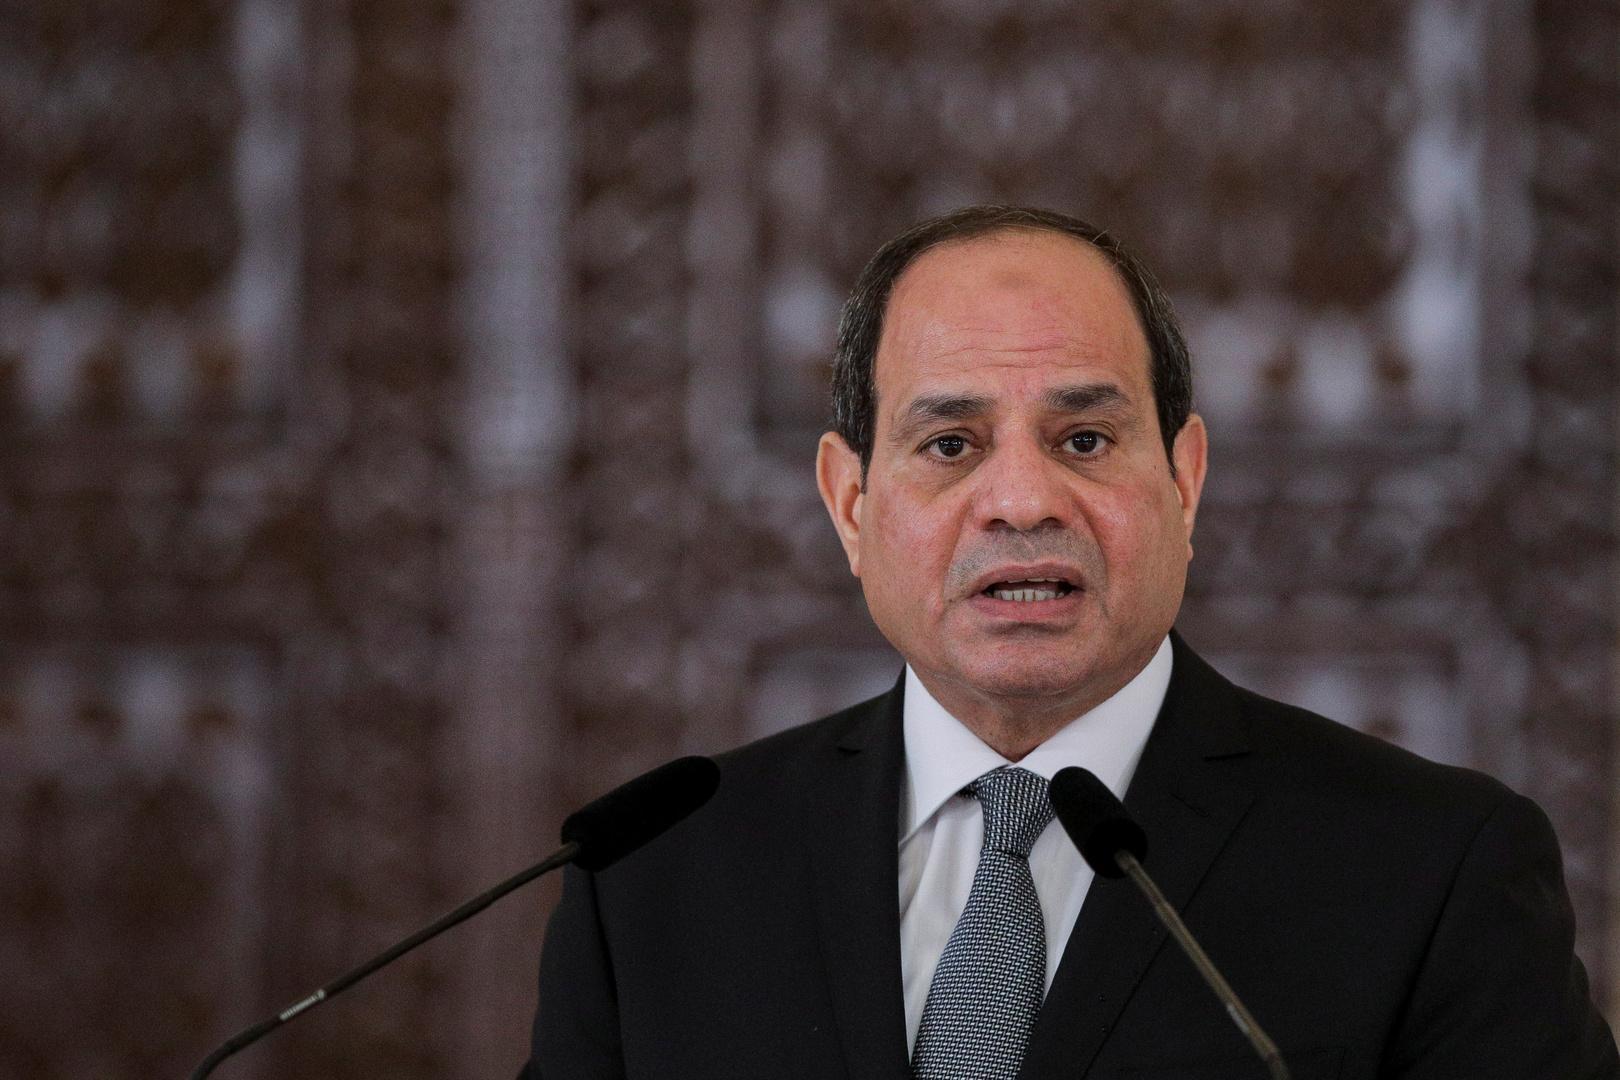 السيسي يعلق بعد مرور اليوم الأول من حظر التجول في مصر